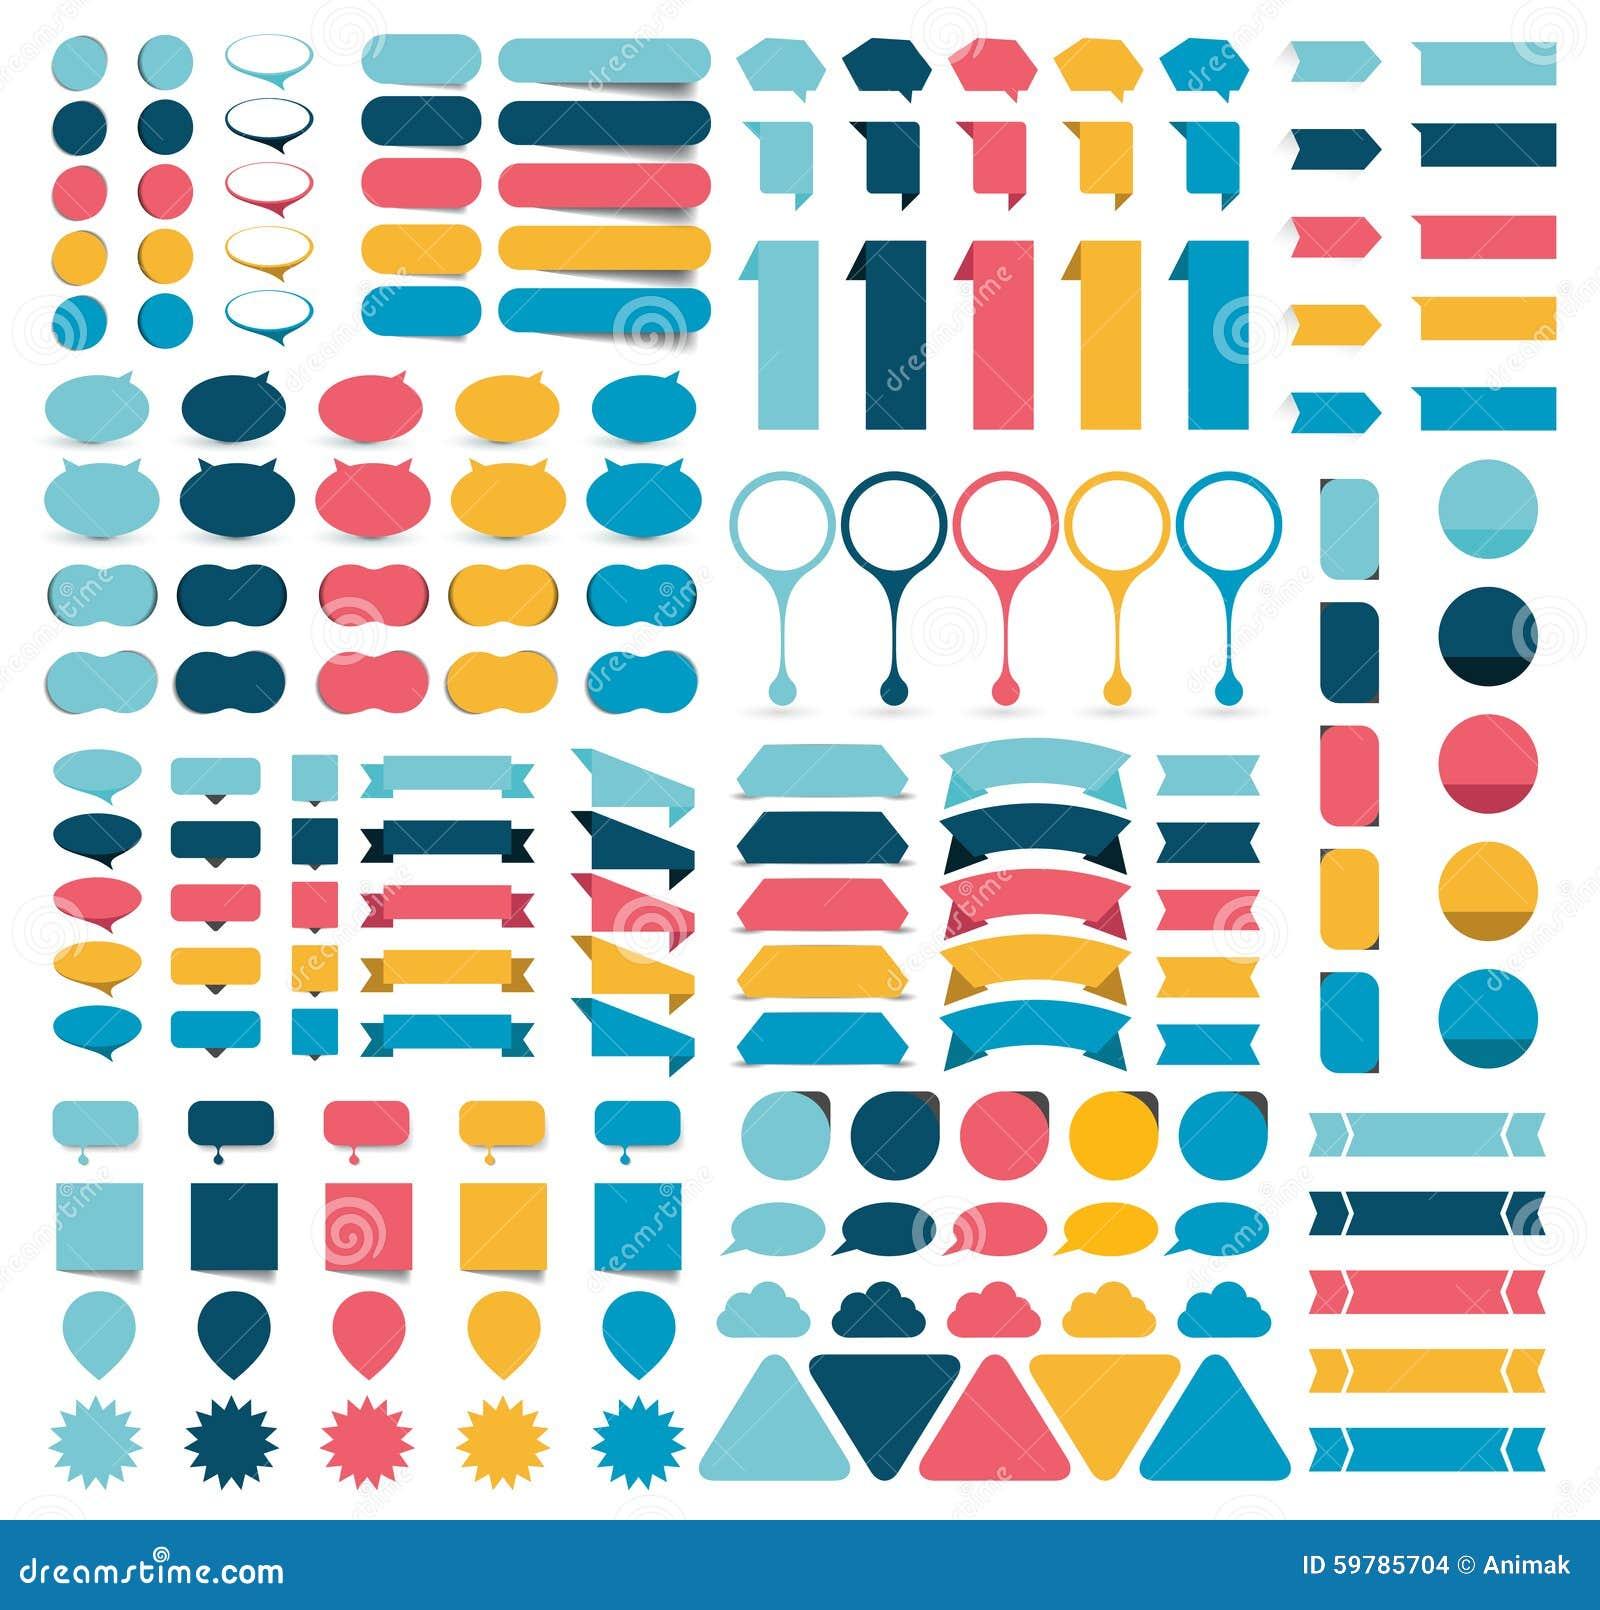 Collezioni mega di elementi piani di progettazione di infographics, bottoni, autoadesivi, carte per appunti, puntatori